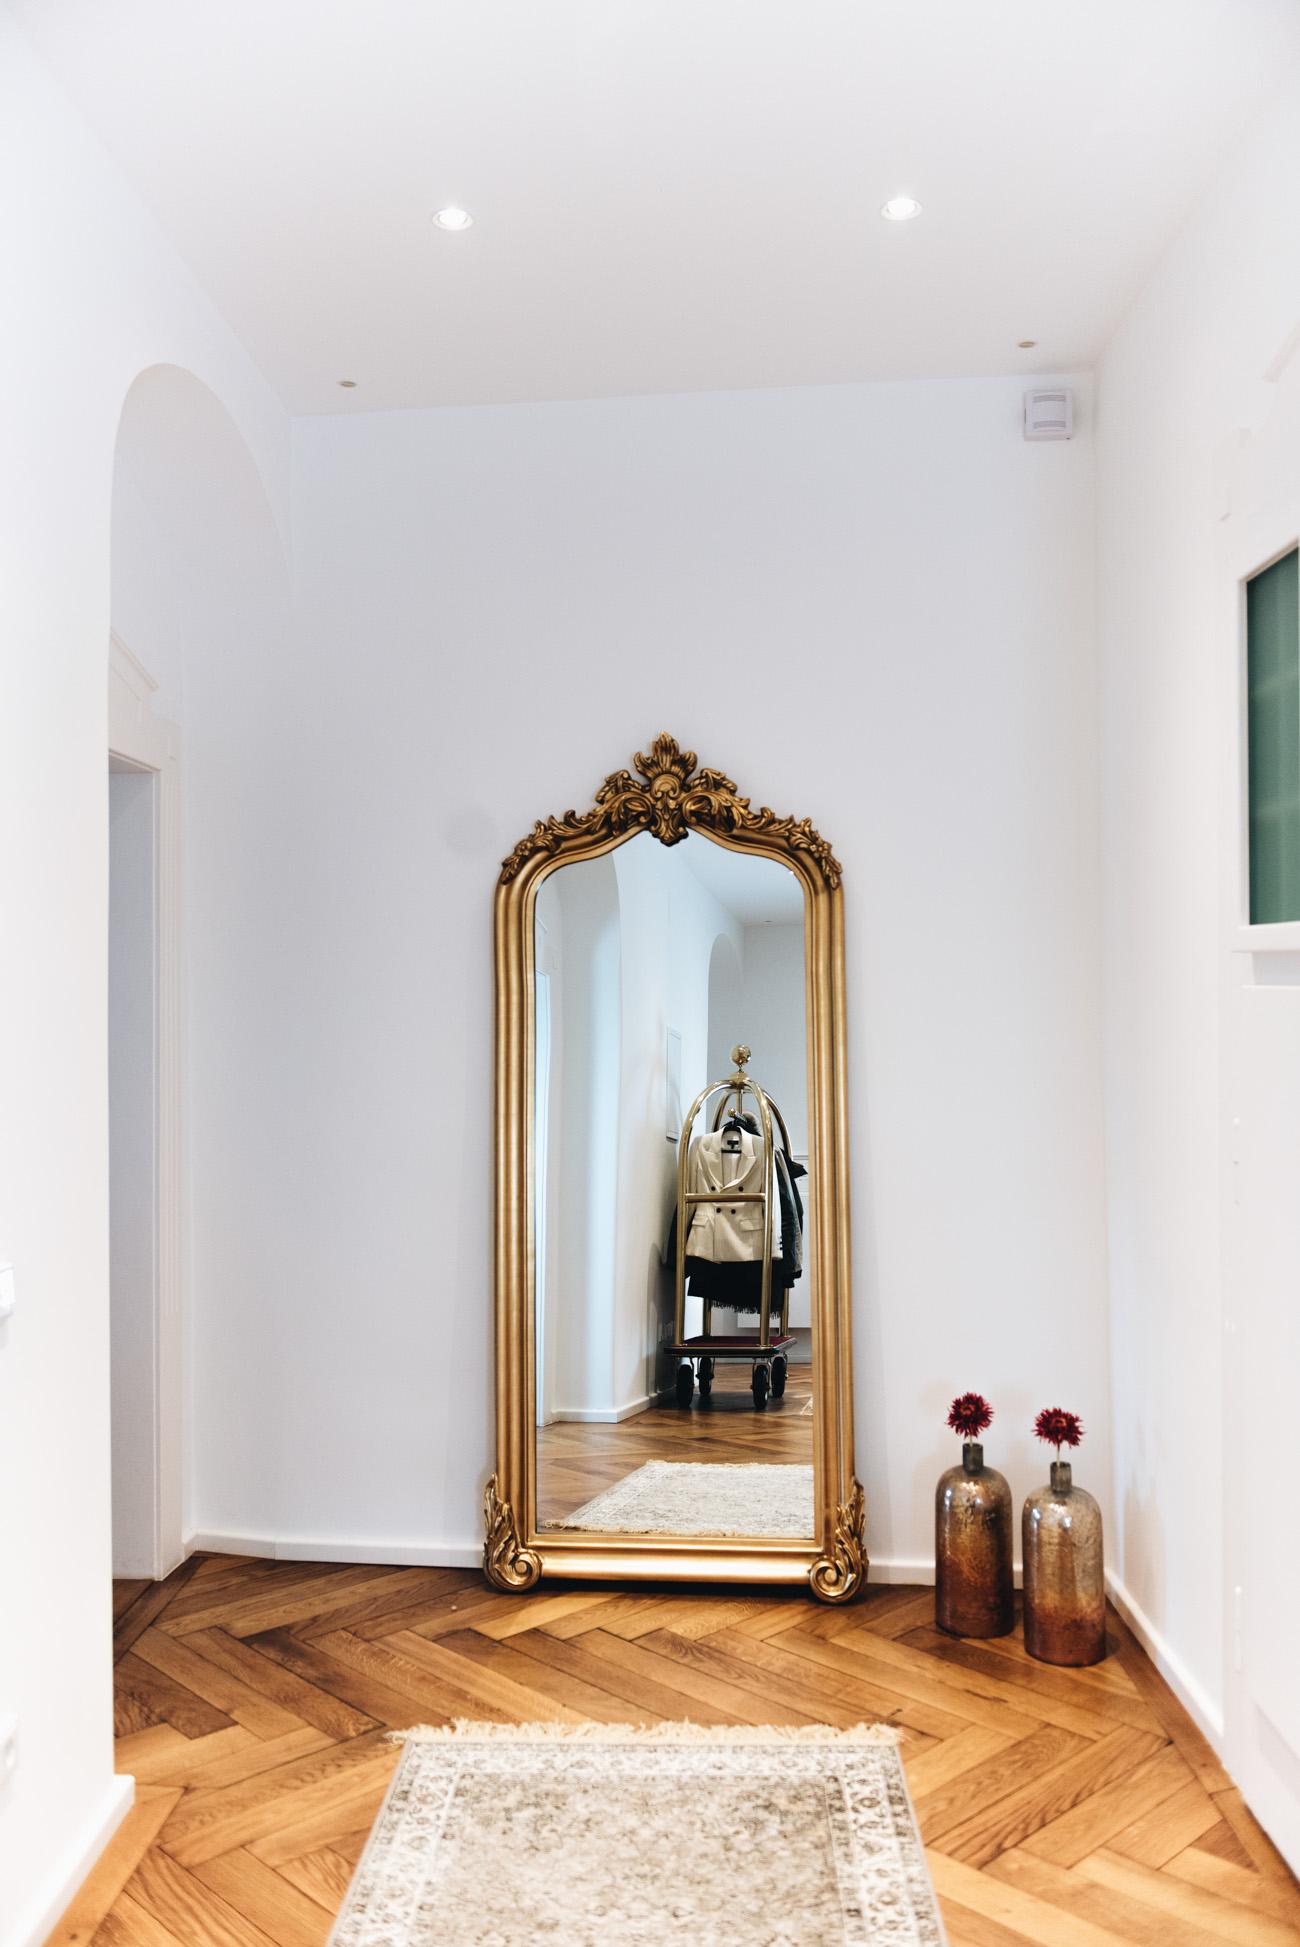 Großer-goldener-spiegel-antik-flur-einrichtung-altbau-wohnung-münchen-fashiioncarpet-nina-schwichtenberg